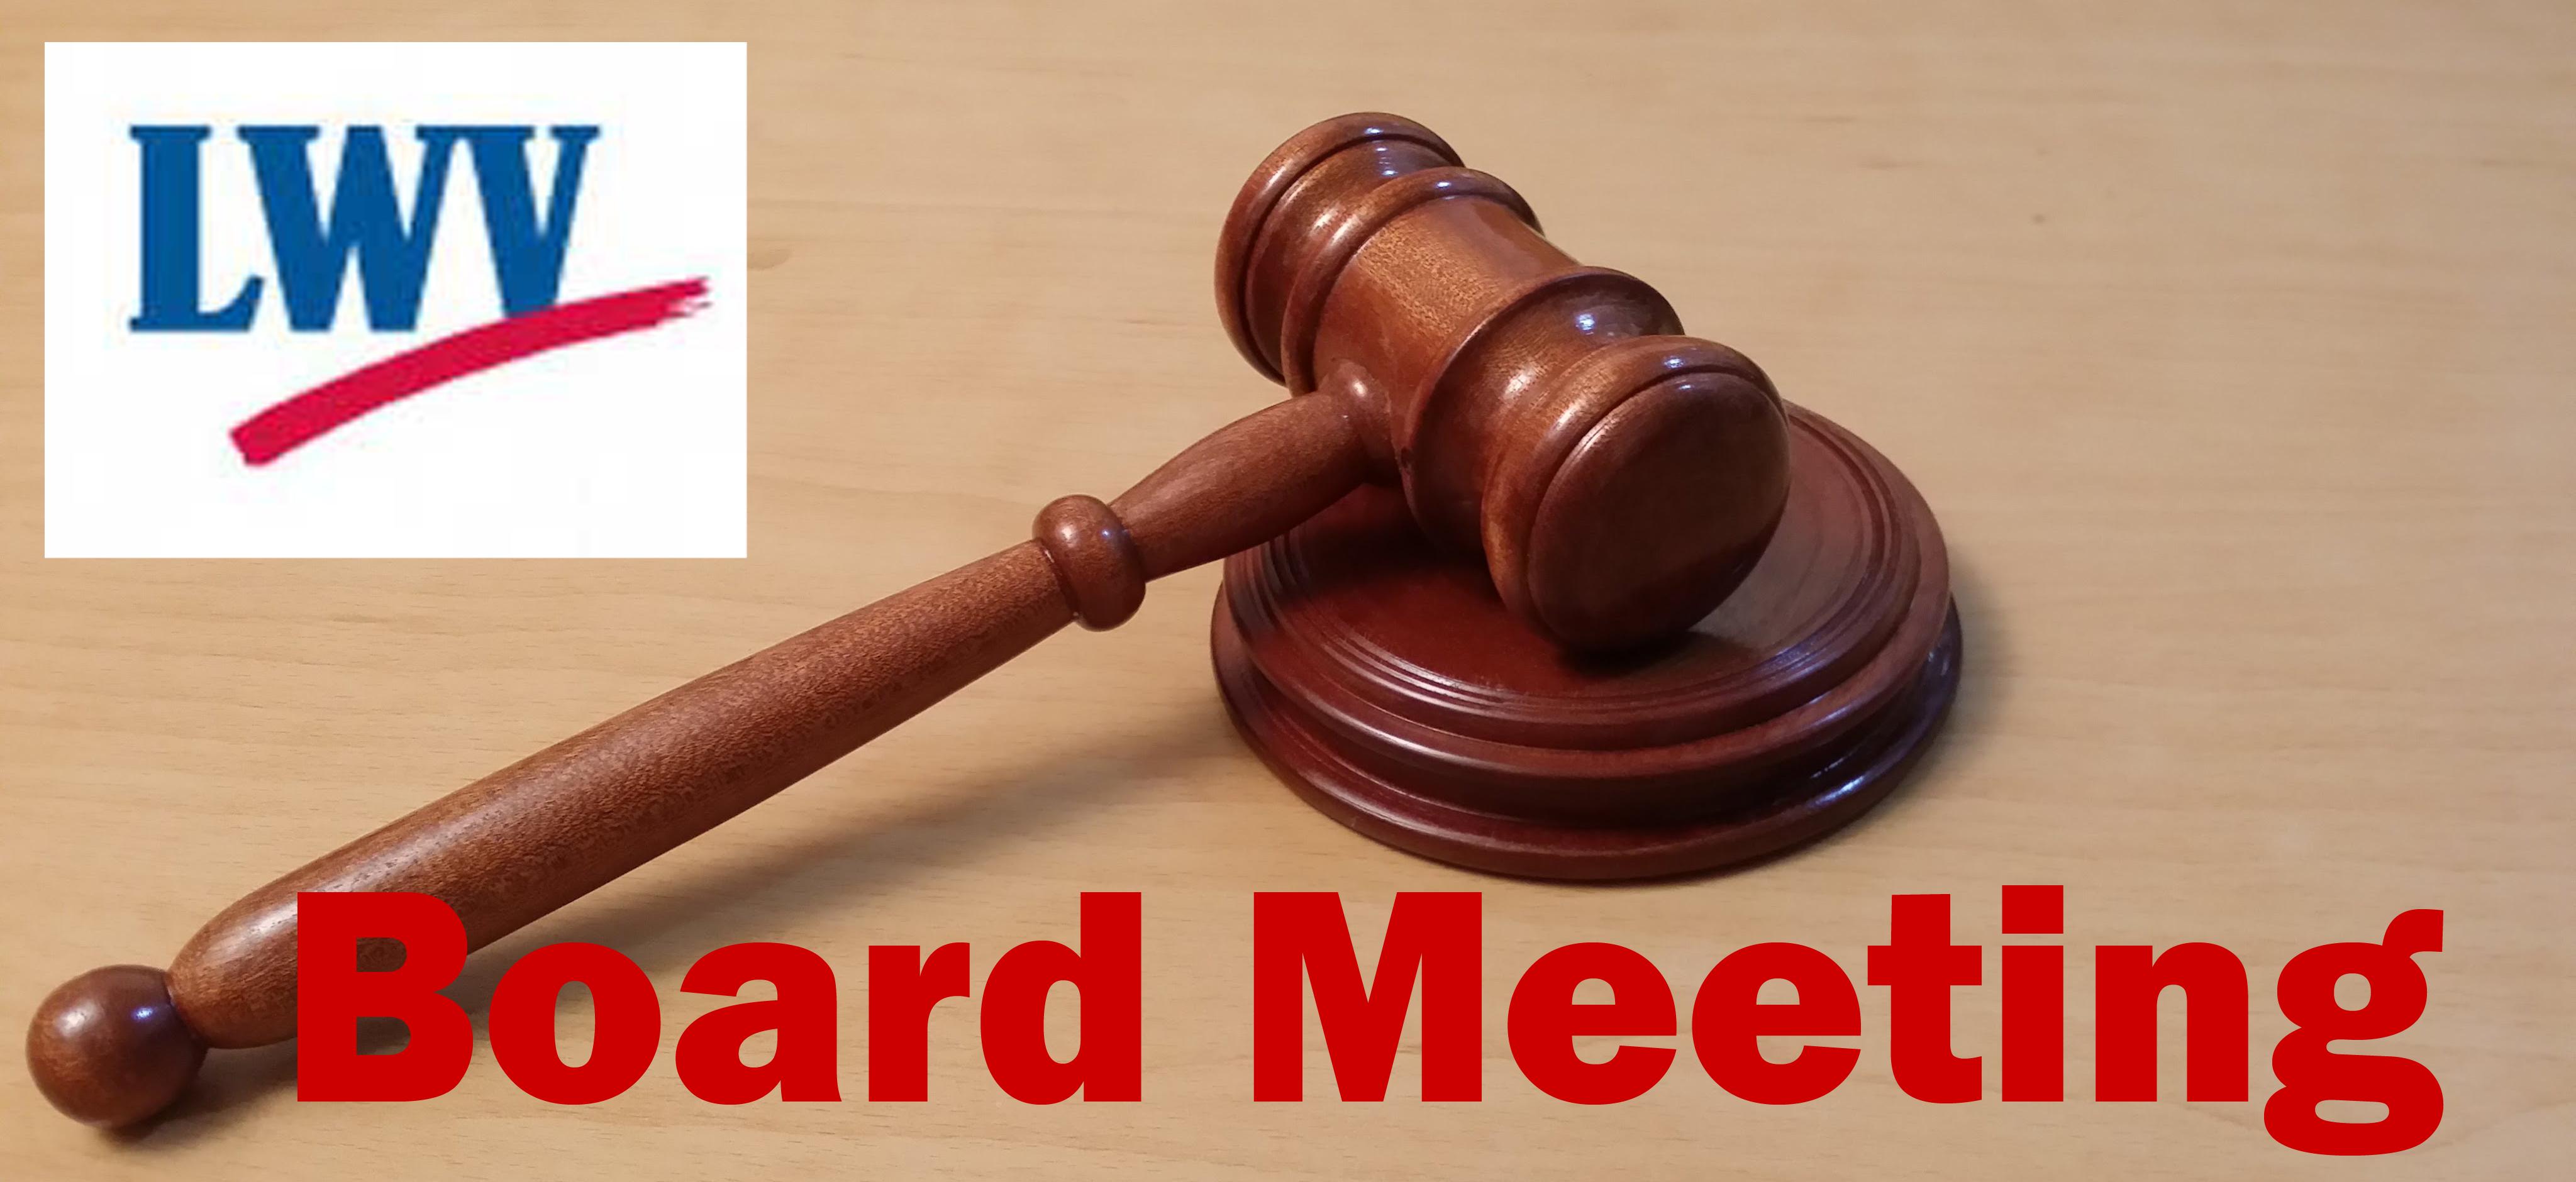 LWVW Board Meeting